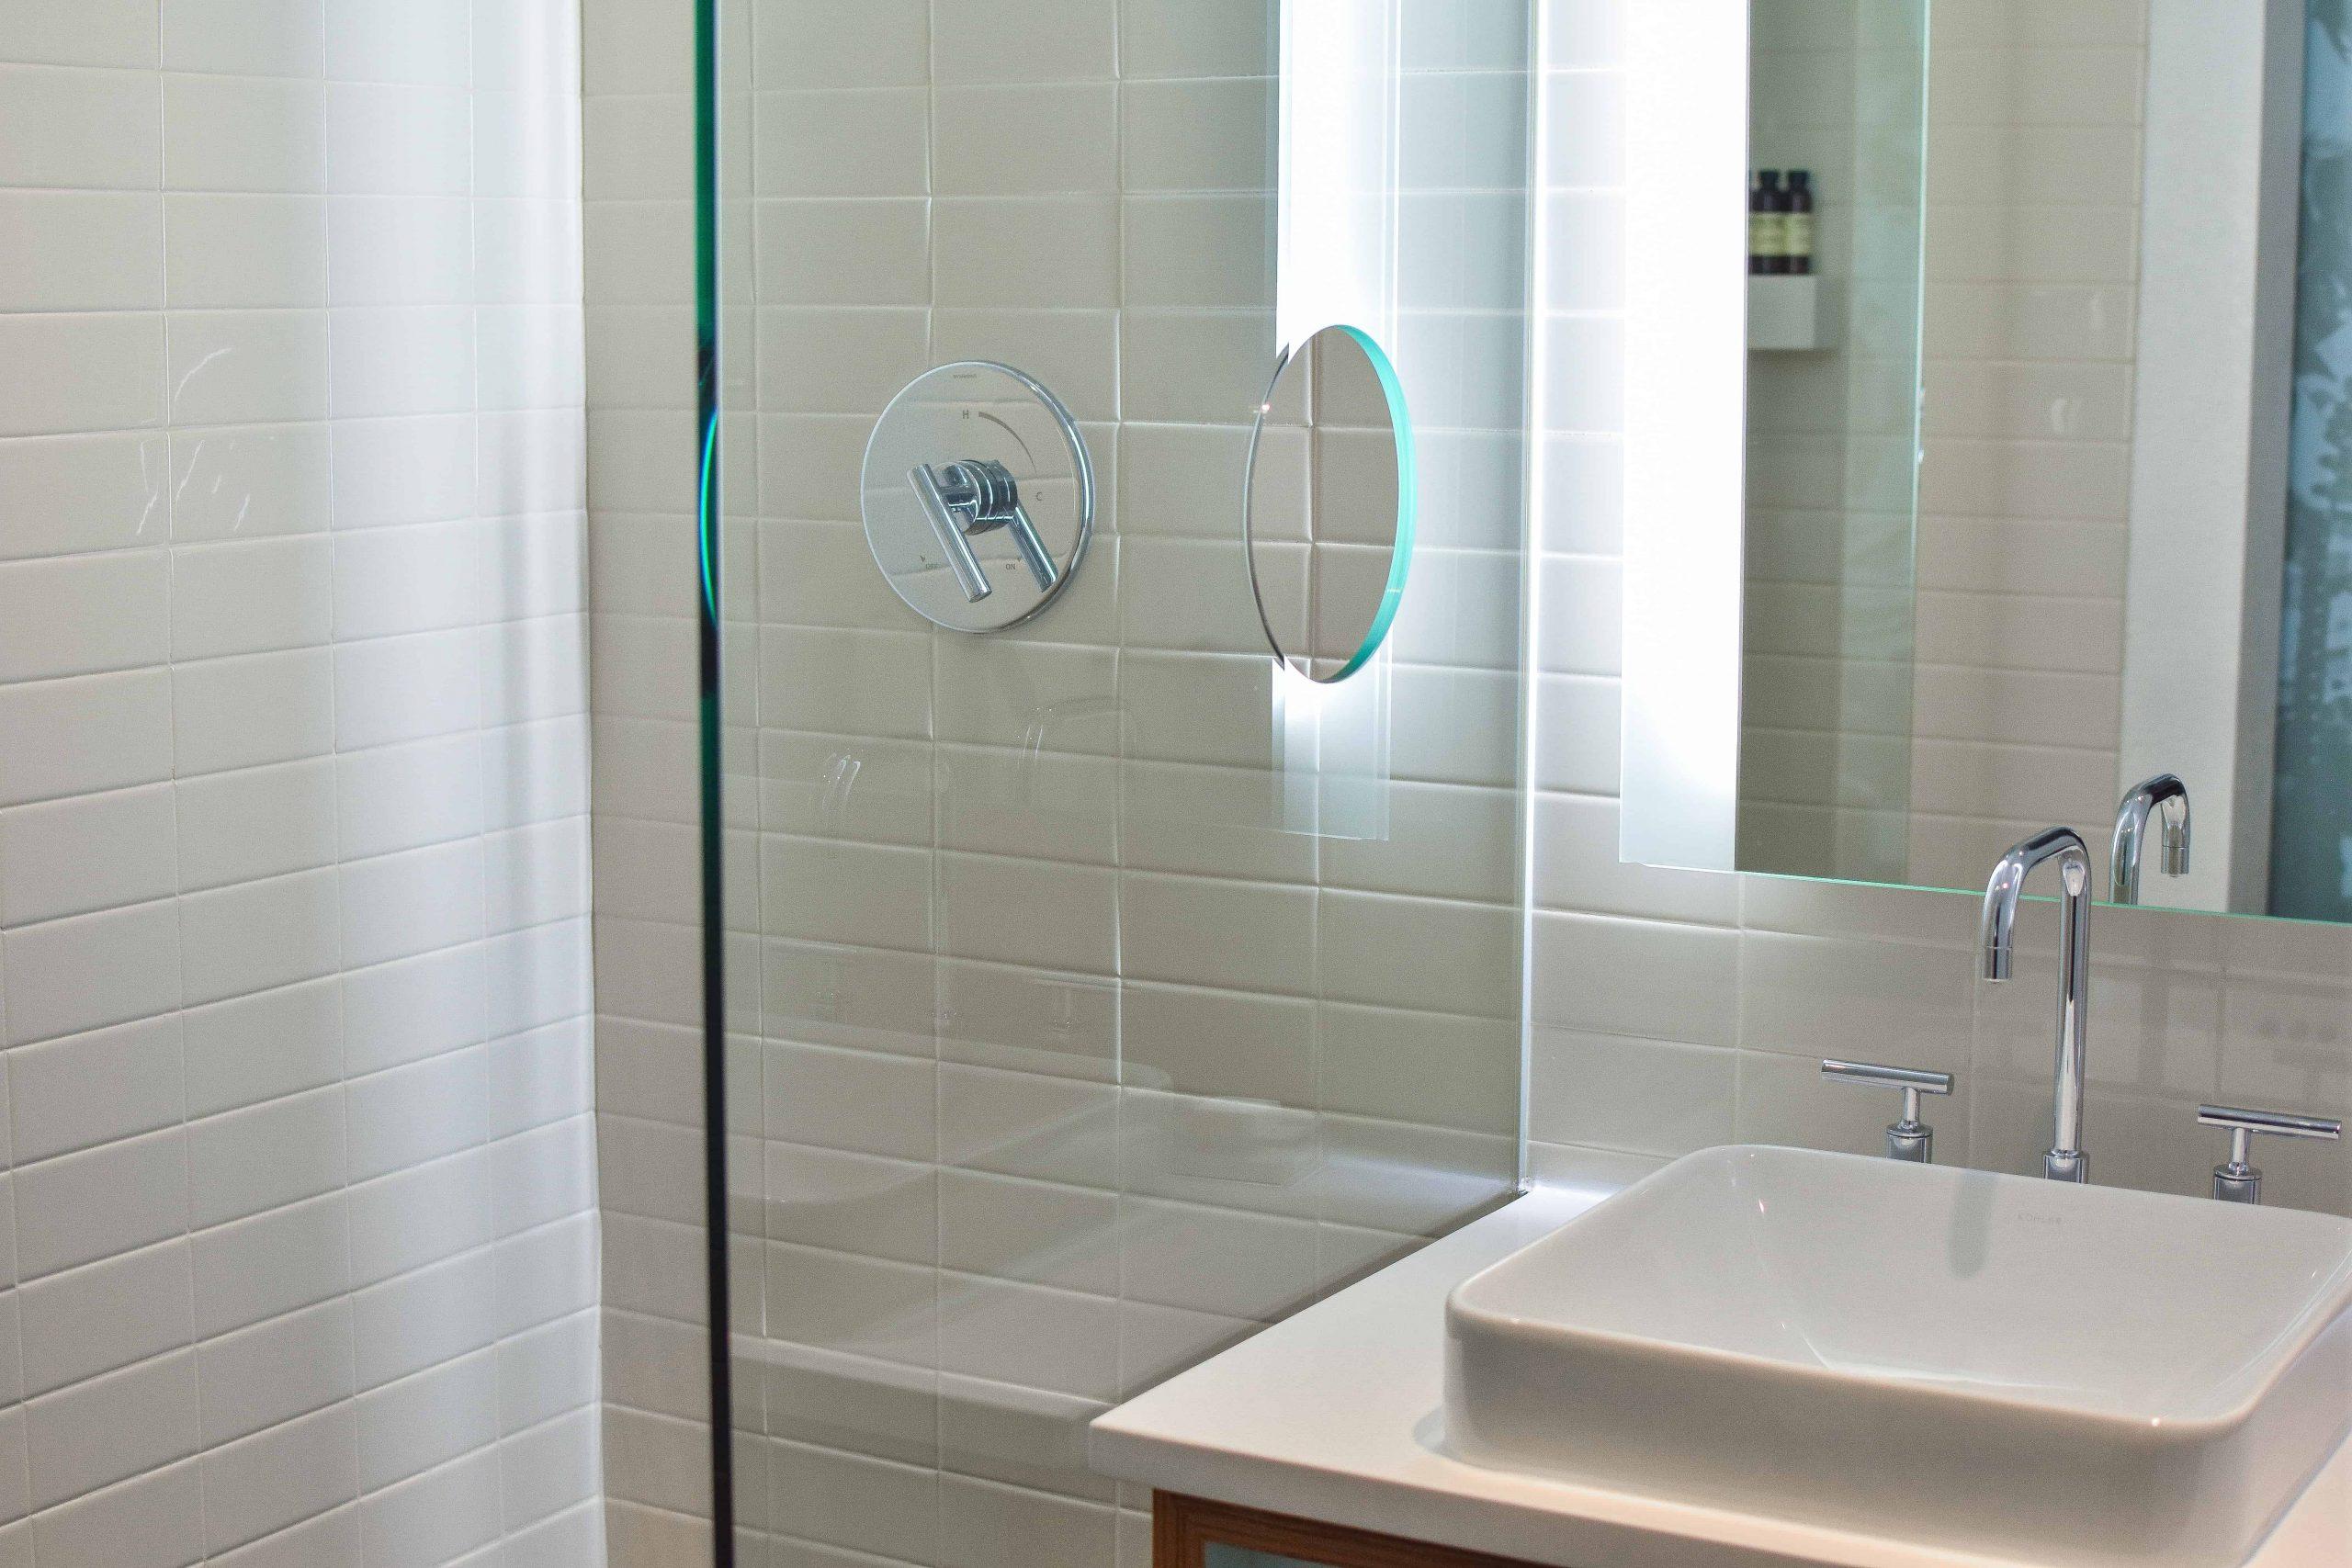 Une astuce de salle de bains d'hôtel pour ta brosse à dents